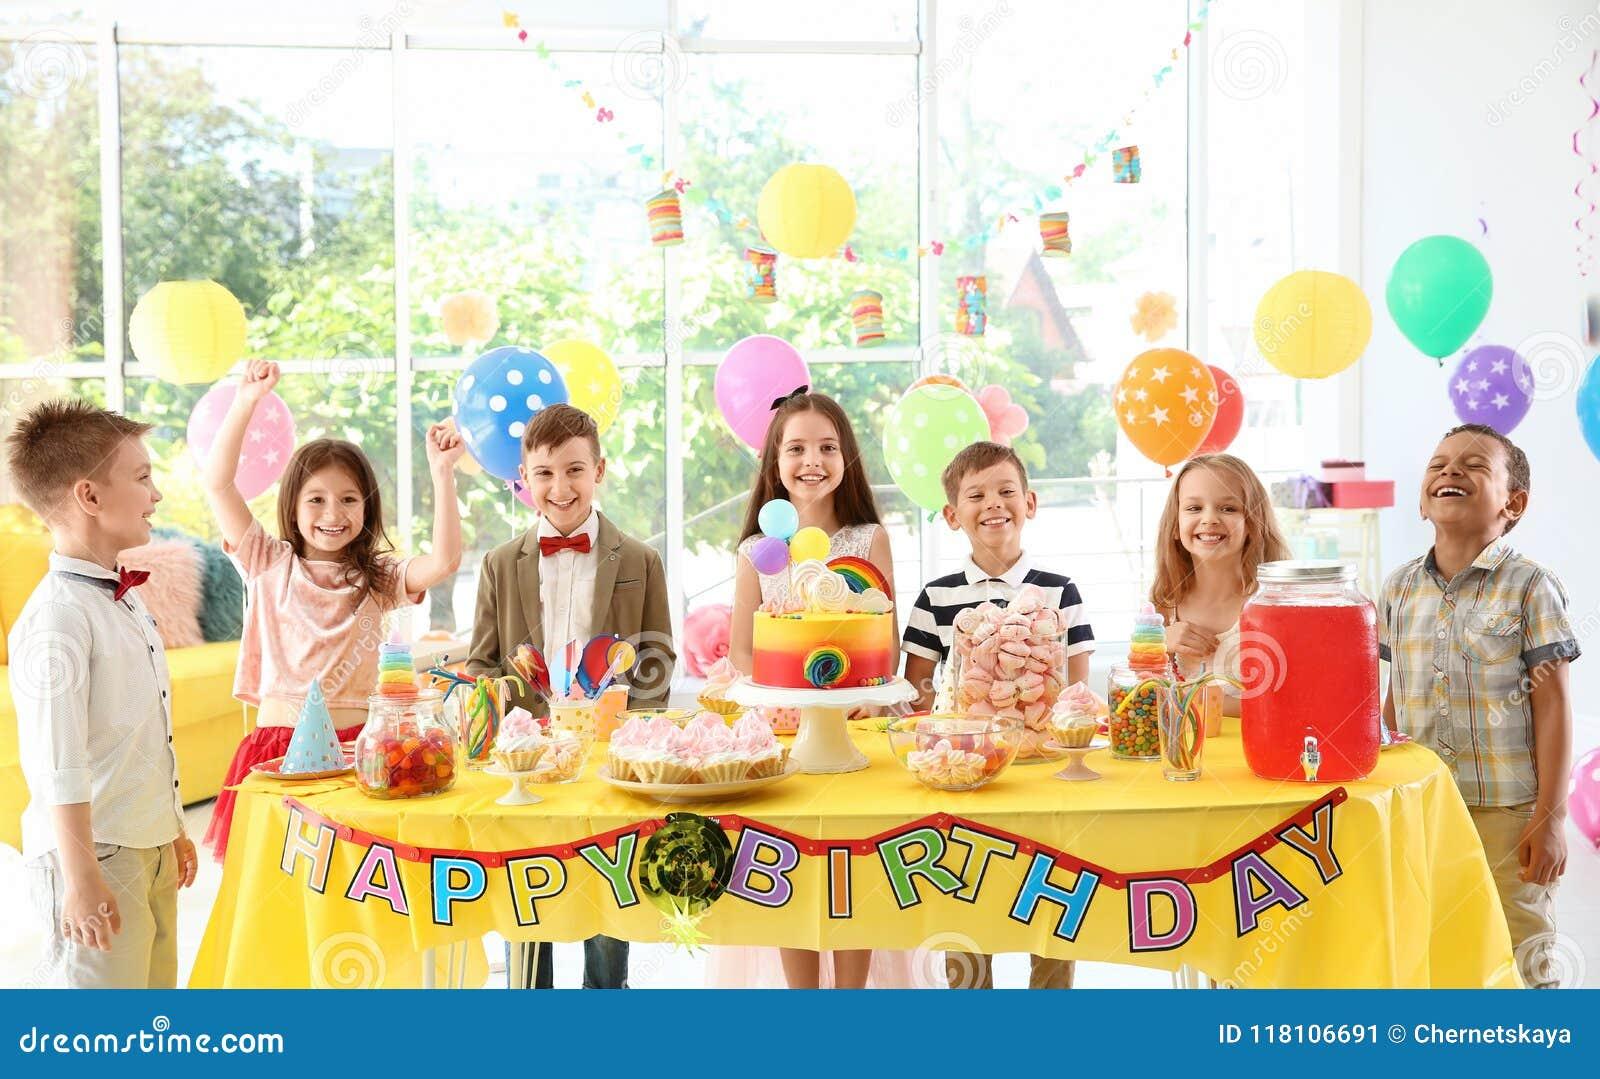 Милые дети около таблицы с обслуживаниями на вечеринке по случаю дня рождения внутри помещения